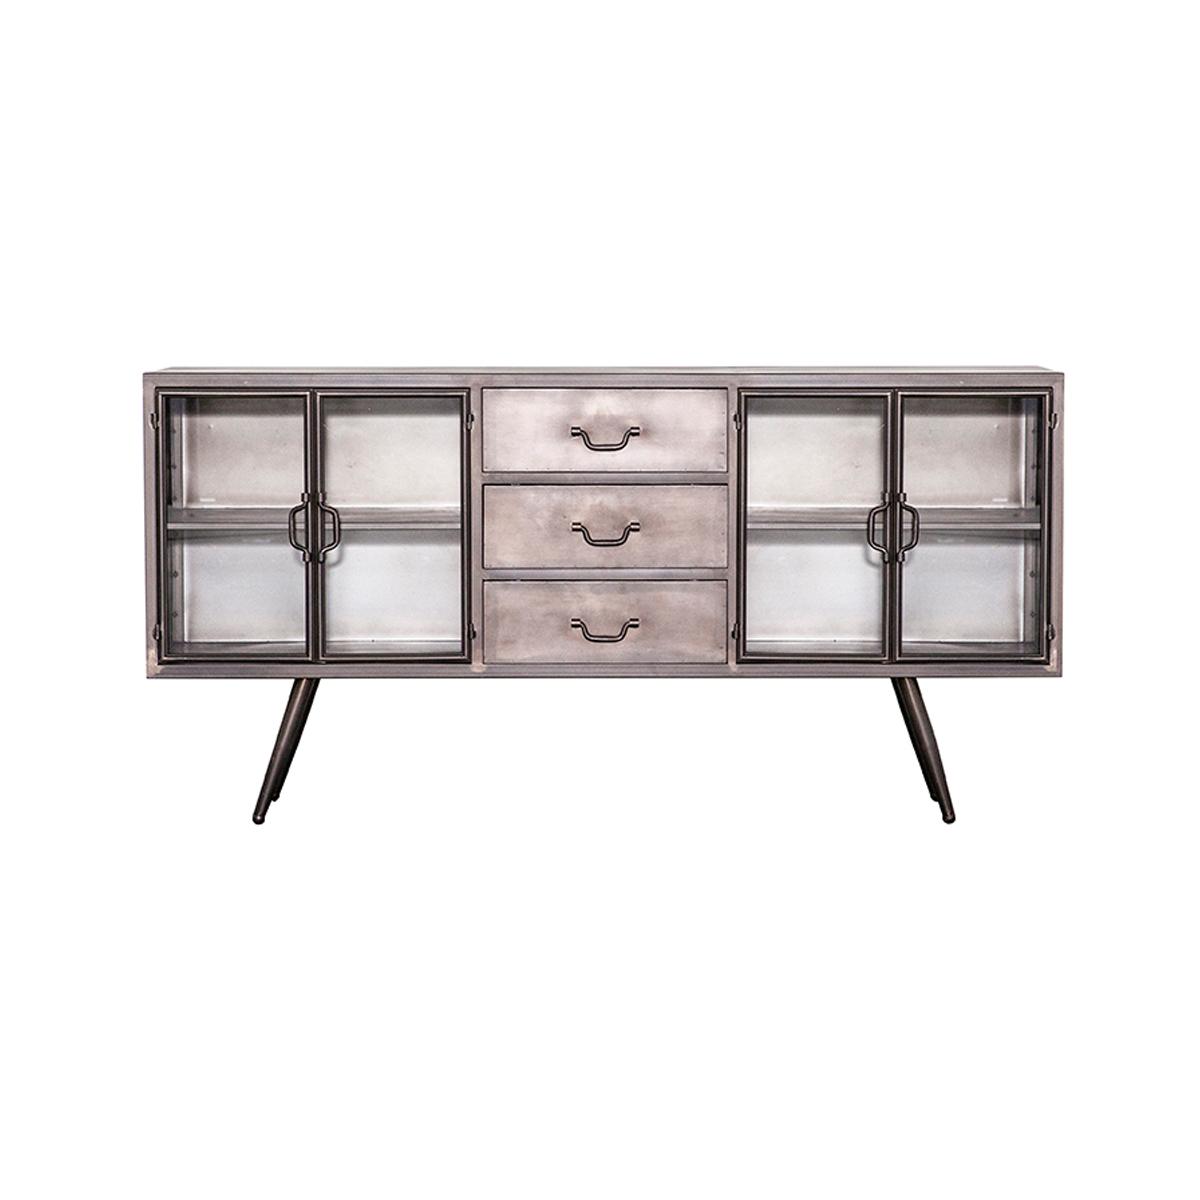 Super By-Boo Ventana | Metalen dressoir industrieel | 194000 | LUMZ UG-84